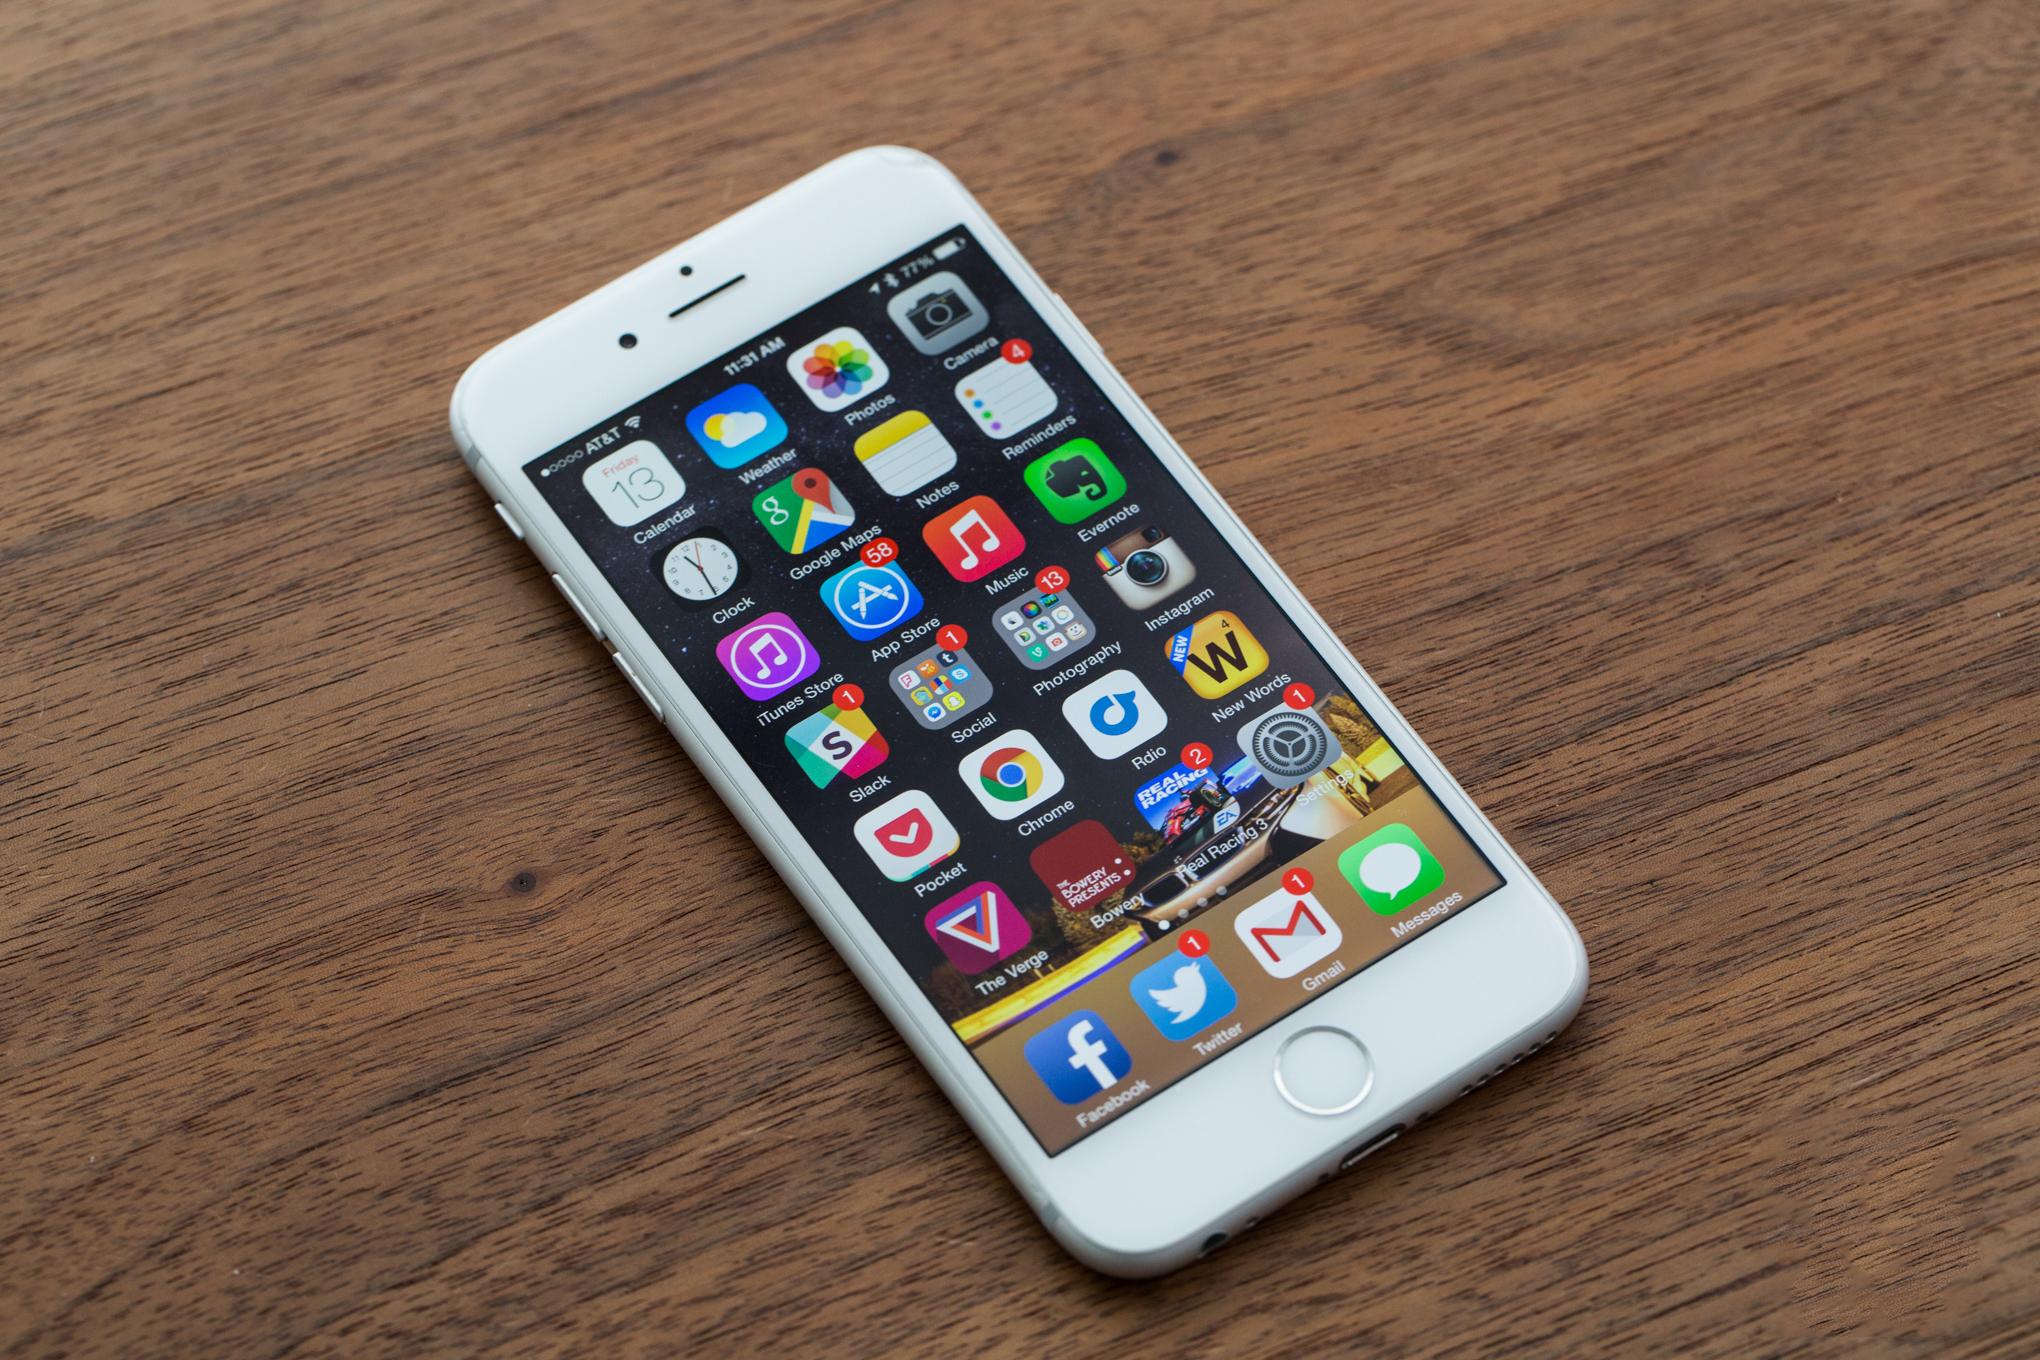 iPhone 6 lock giá quá đã chỉ 3,6 triệu đồng nhưng có nên mua không? - Ảnh 2.